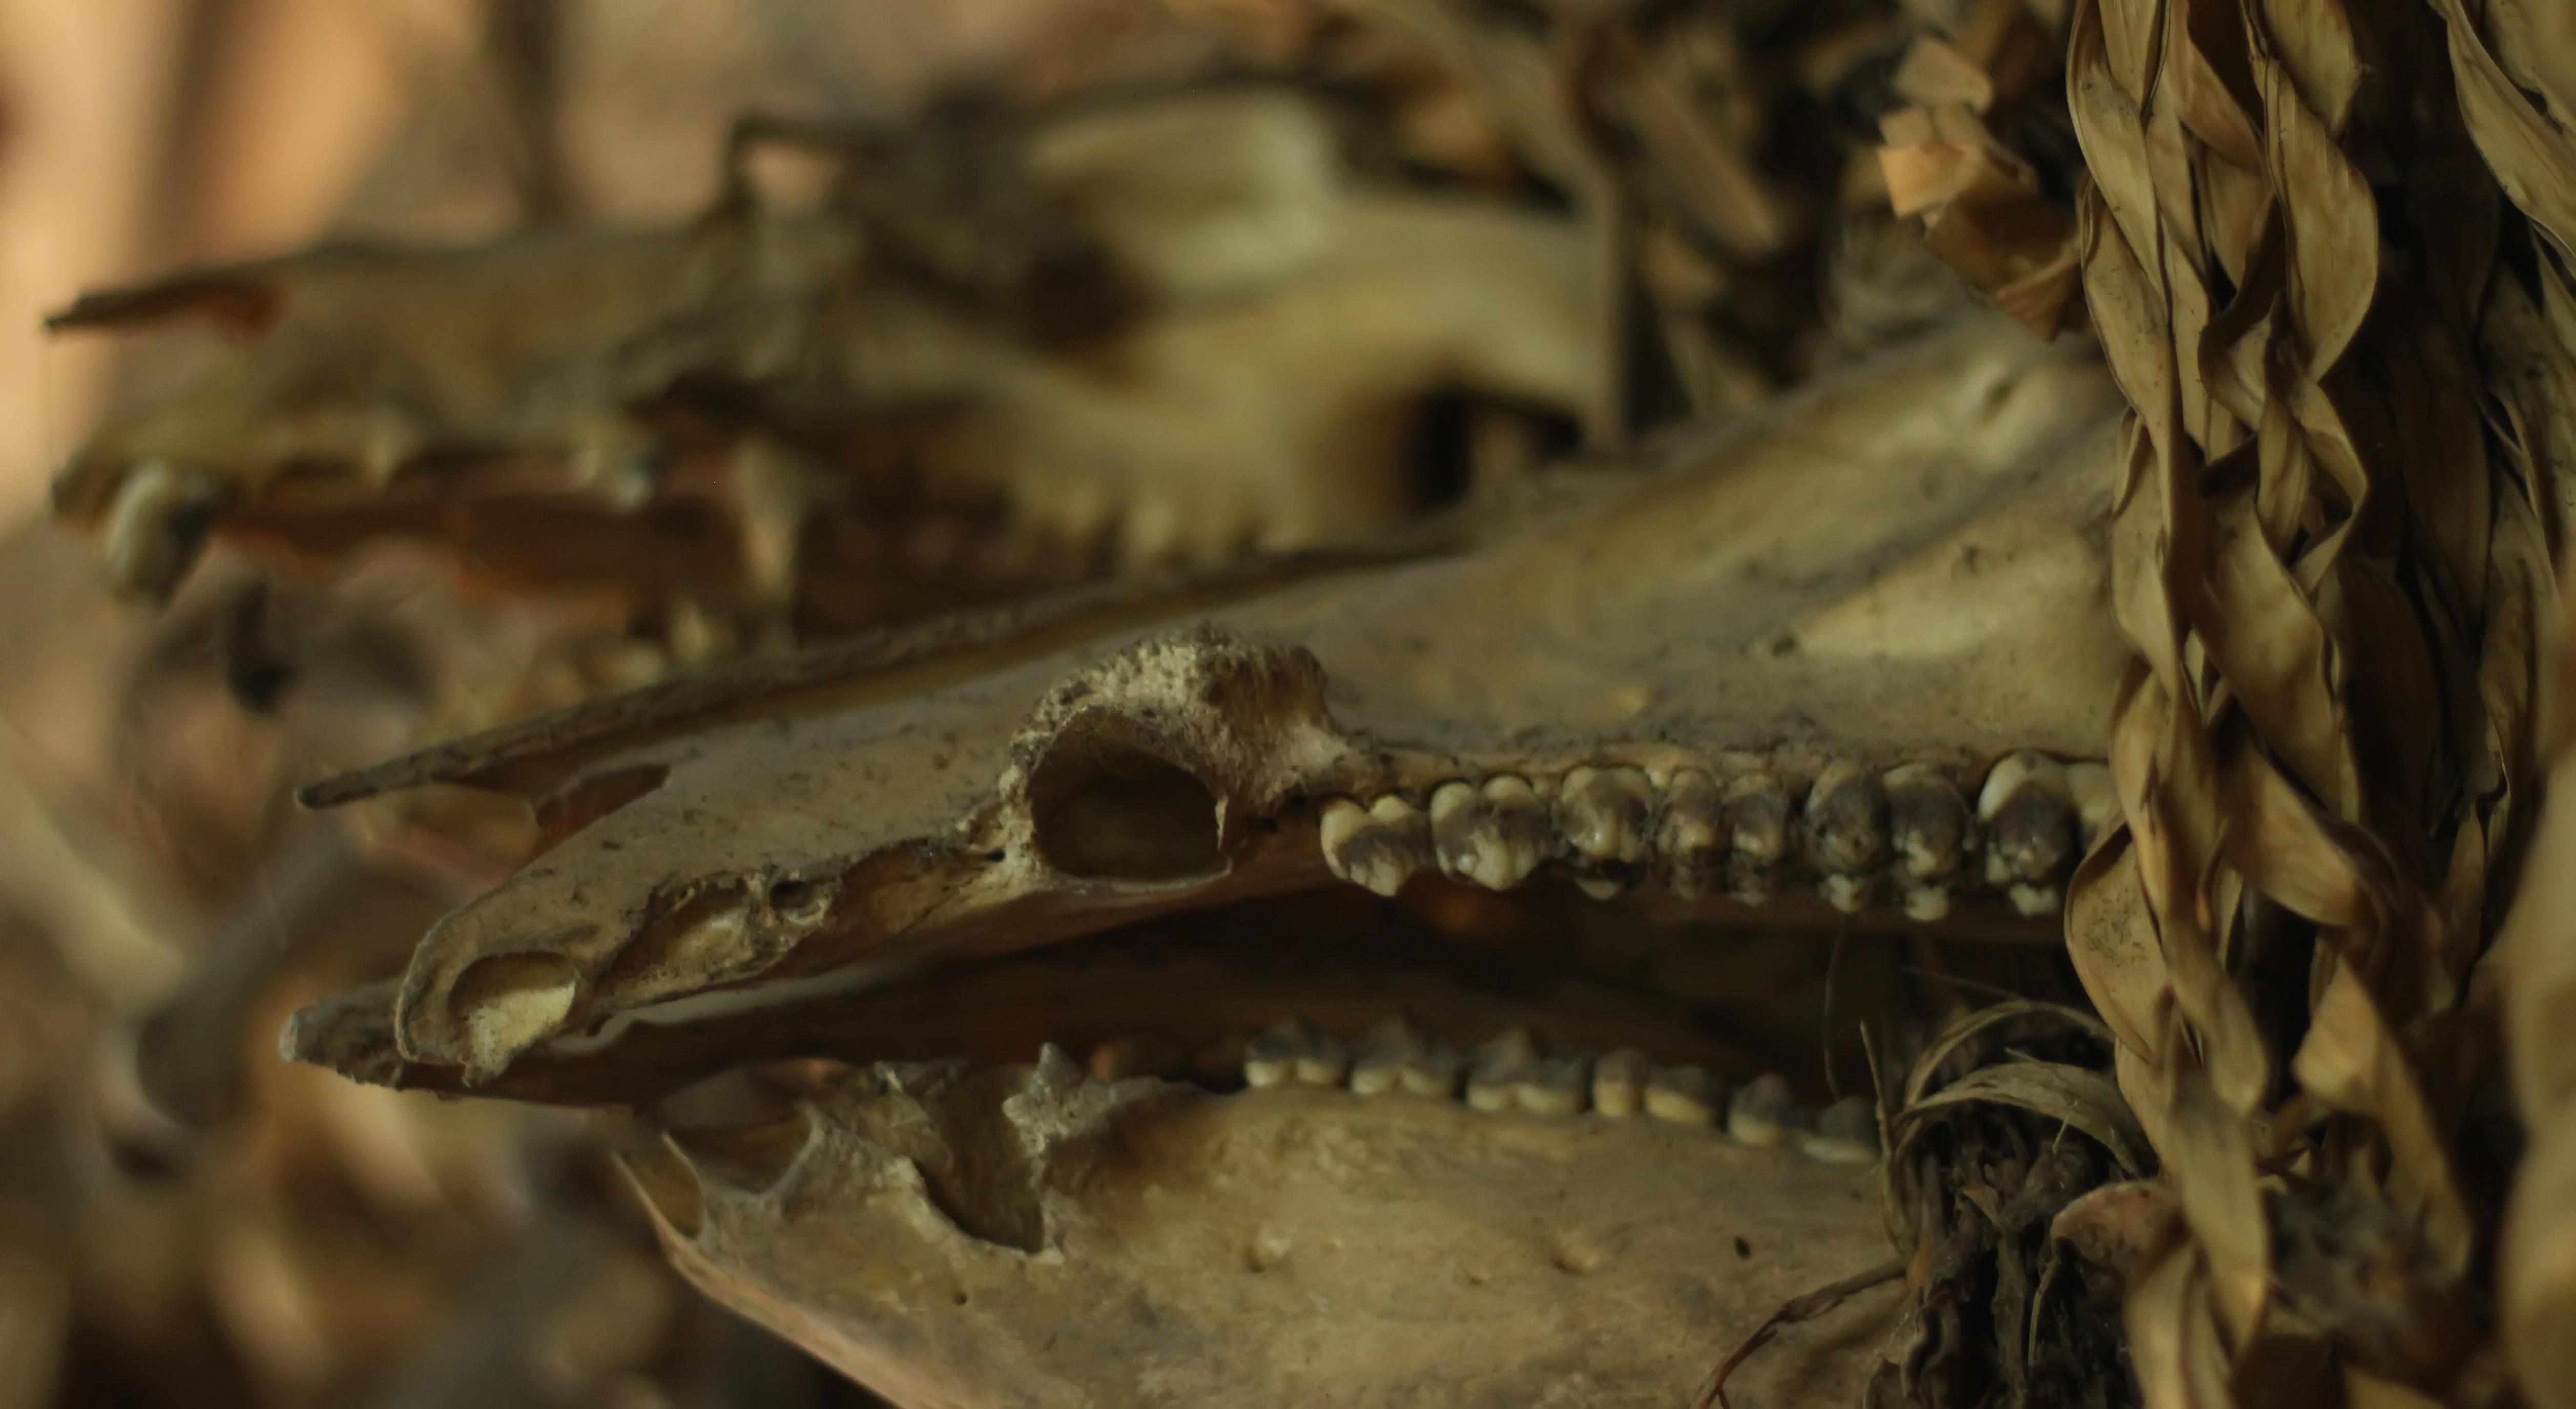 File:Tulang sisa buruan.jpg